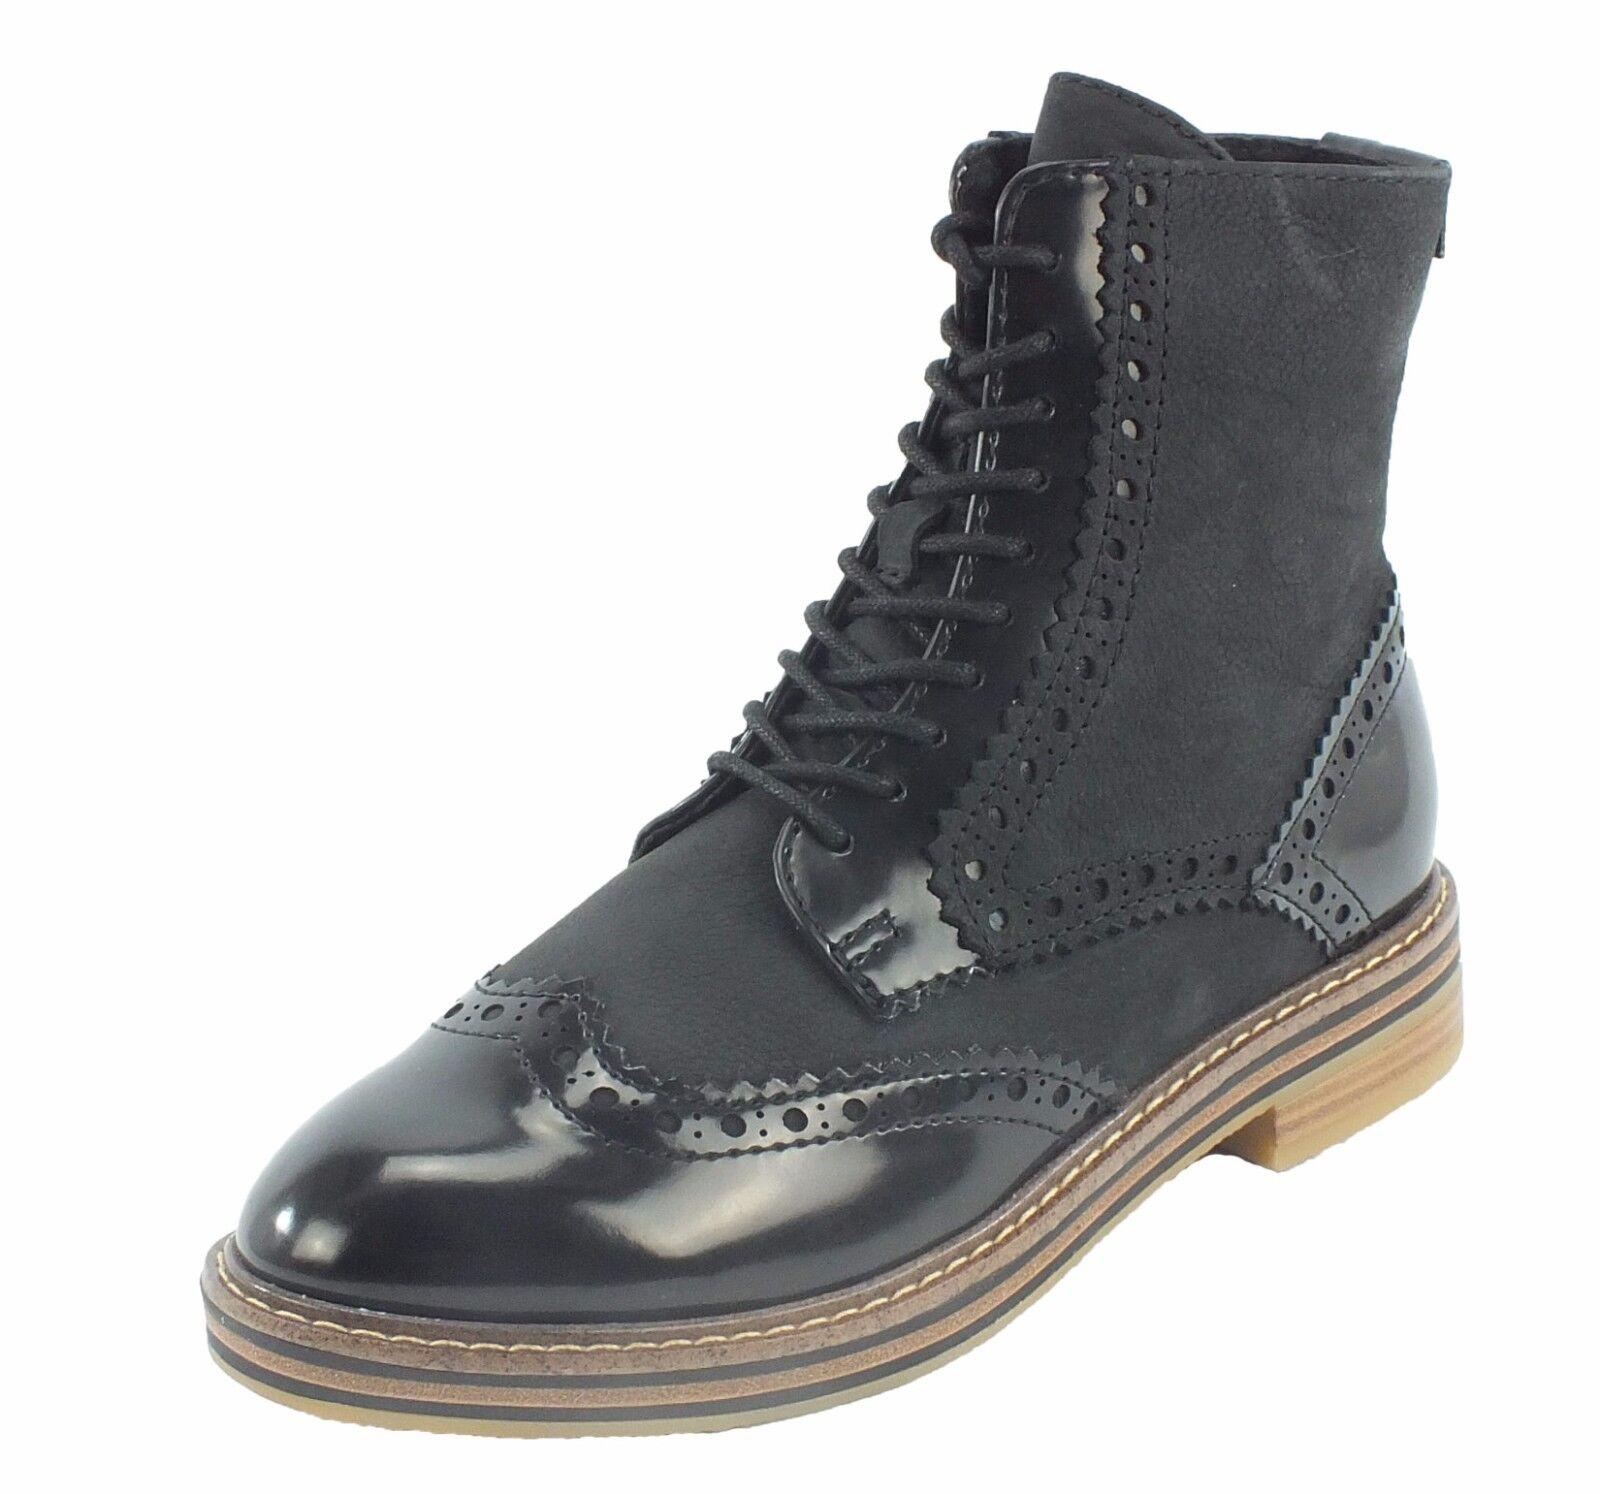 Marco Tozzi Leder Stiefel Stiefelette schwarz 7451